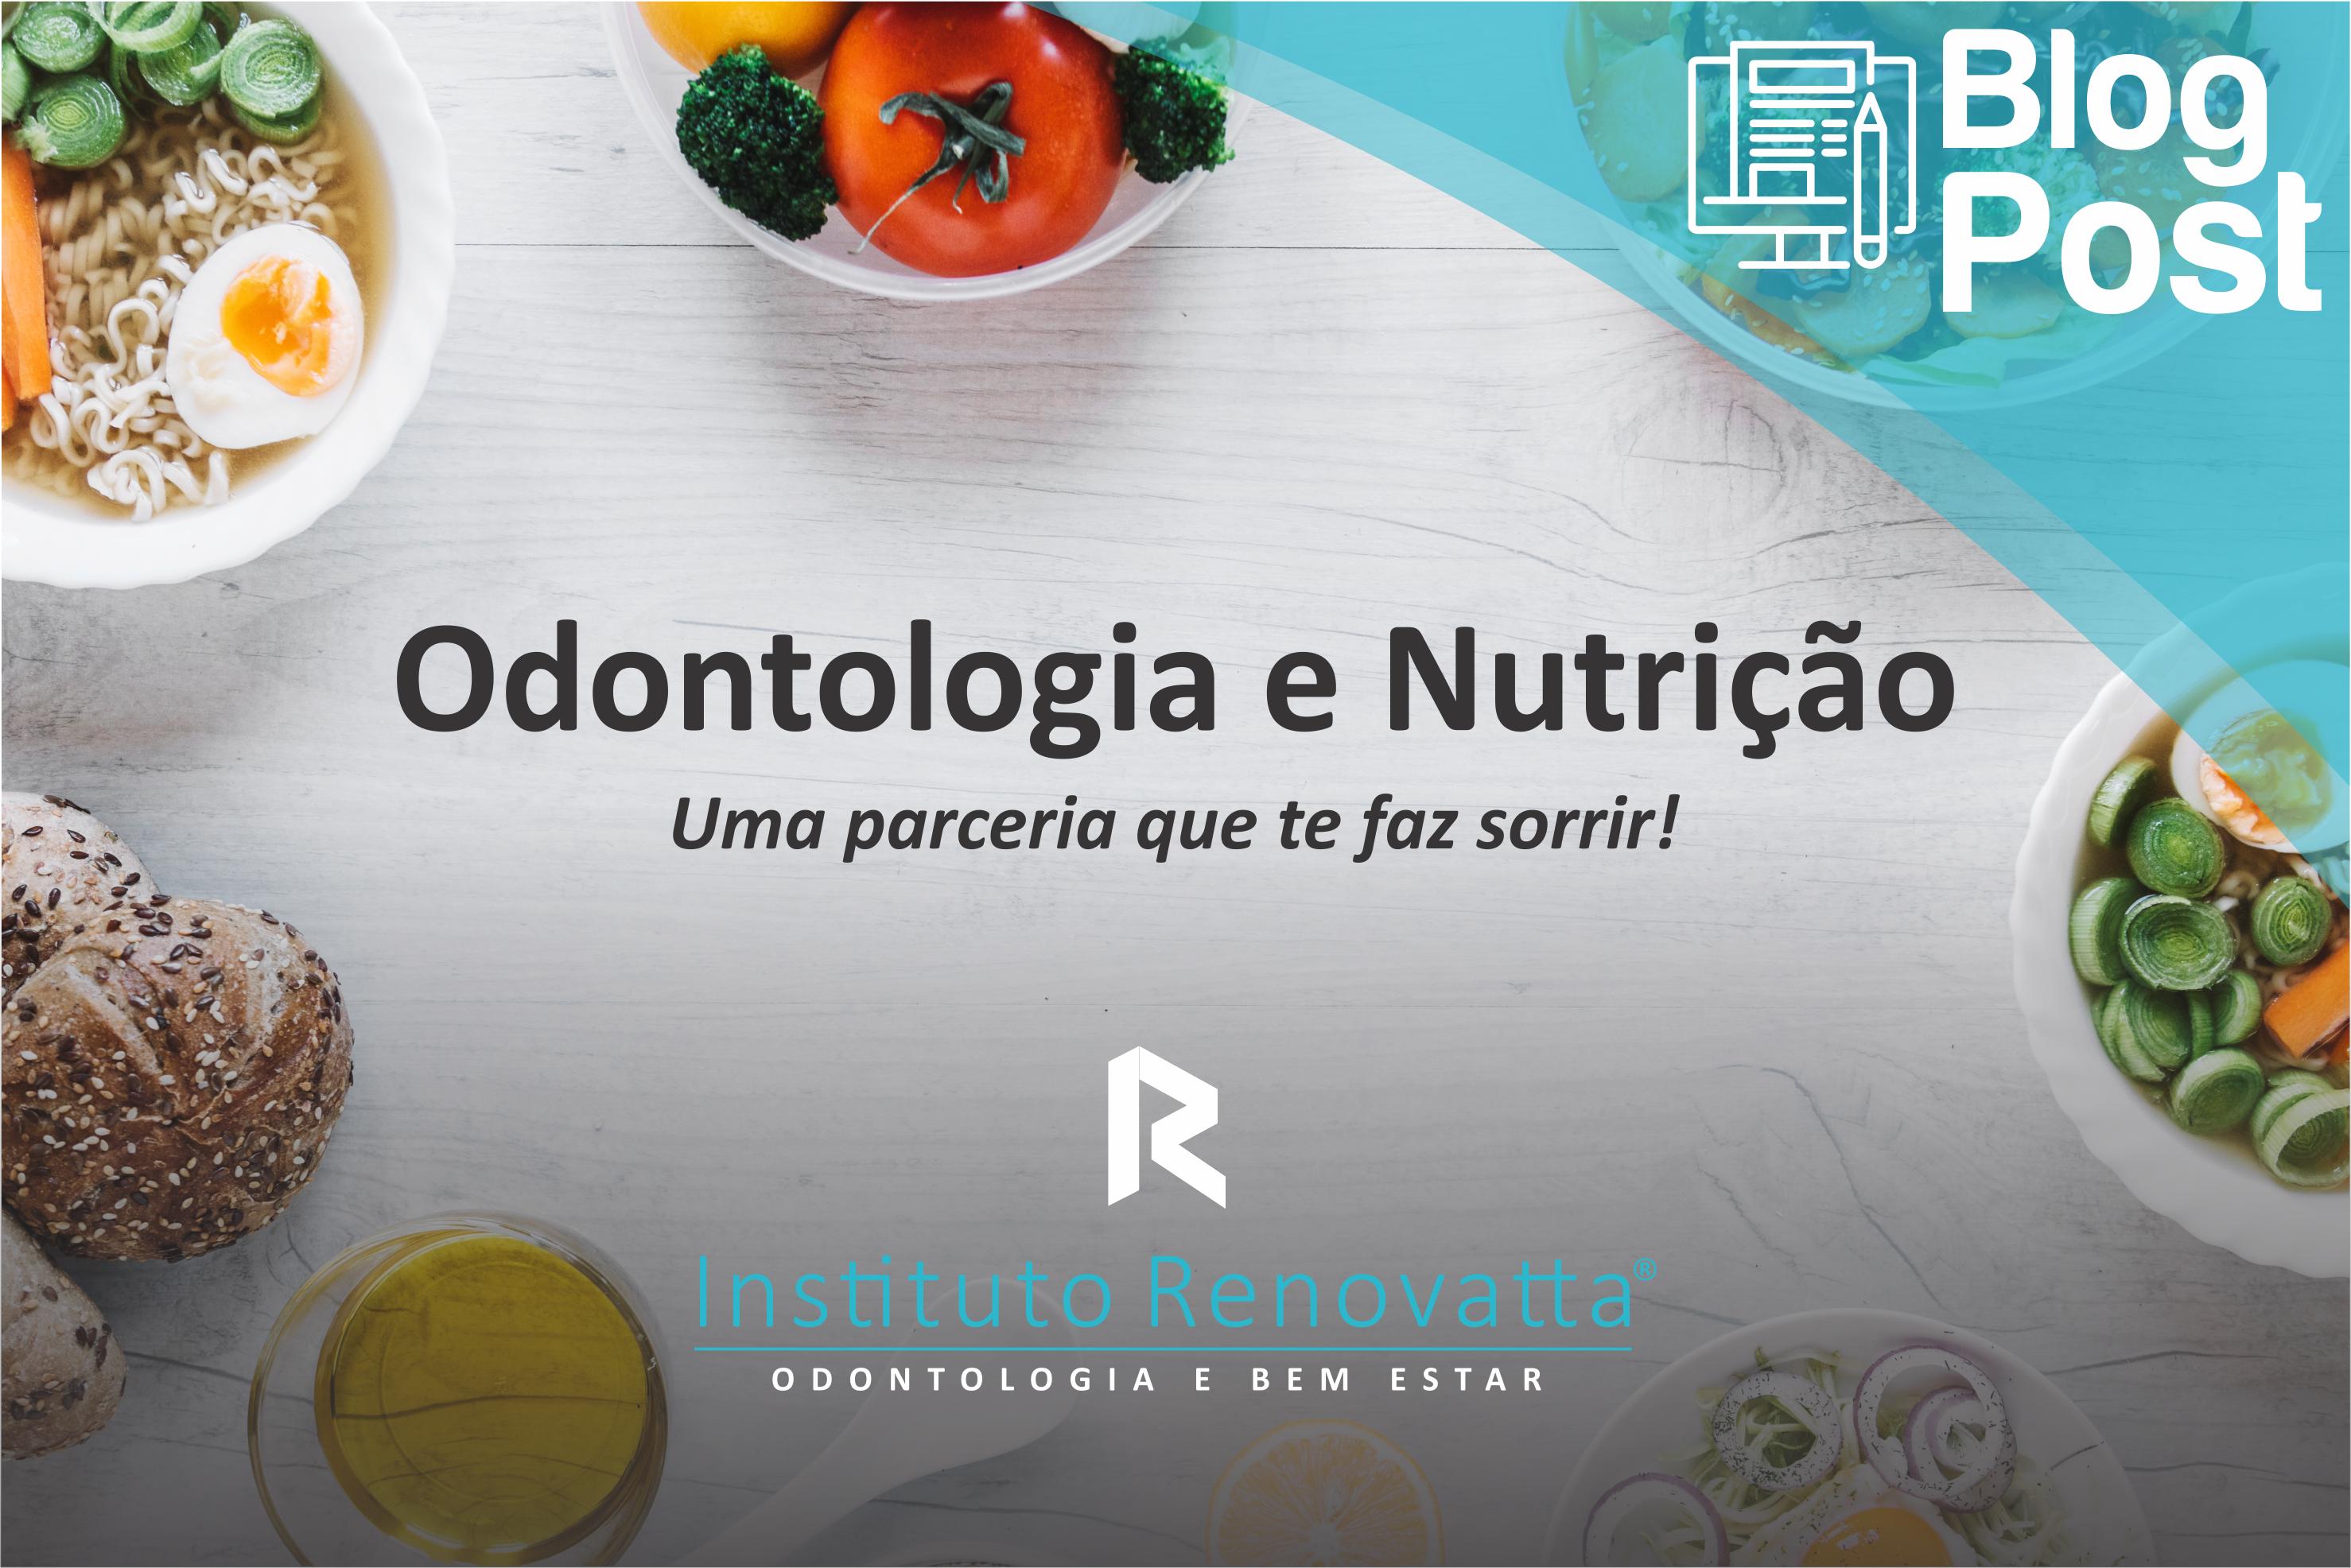 Odontologia e Nutrição: Uma Parceria que te faz sorrir!